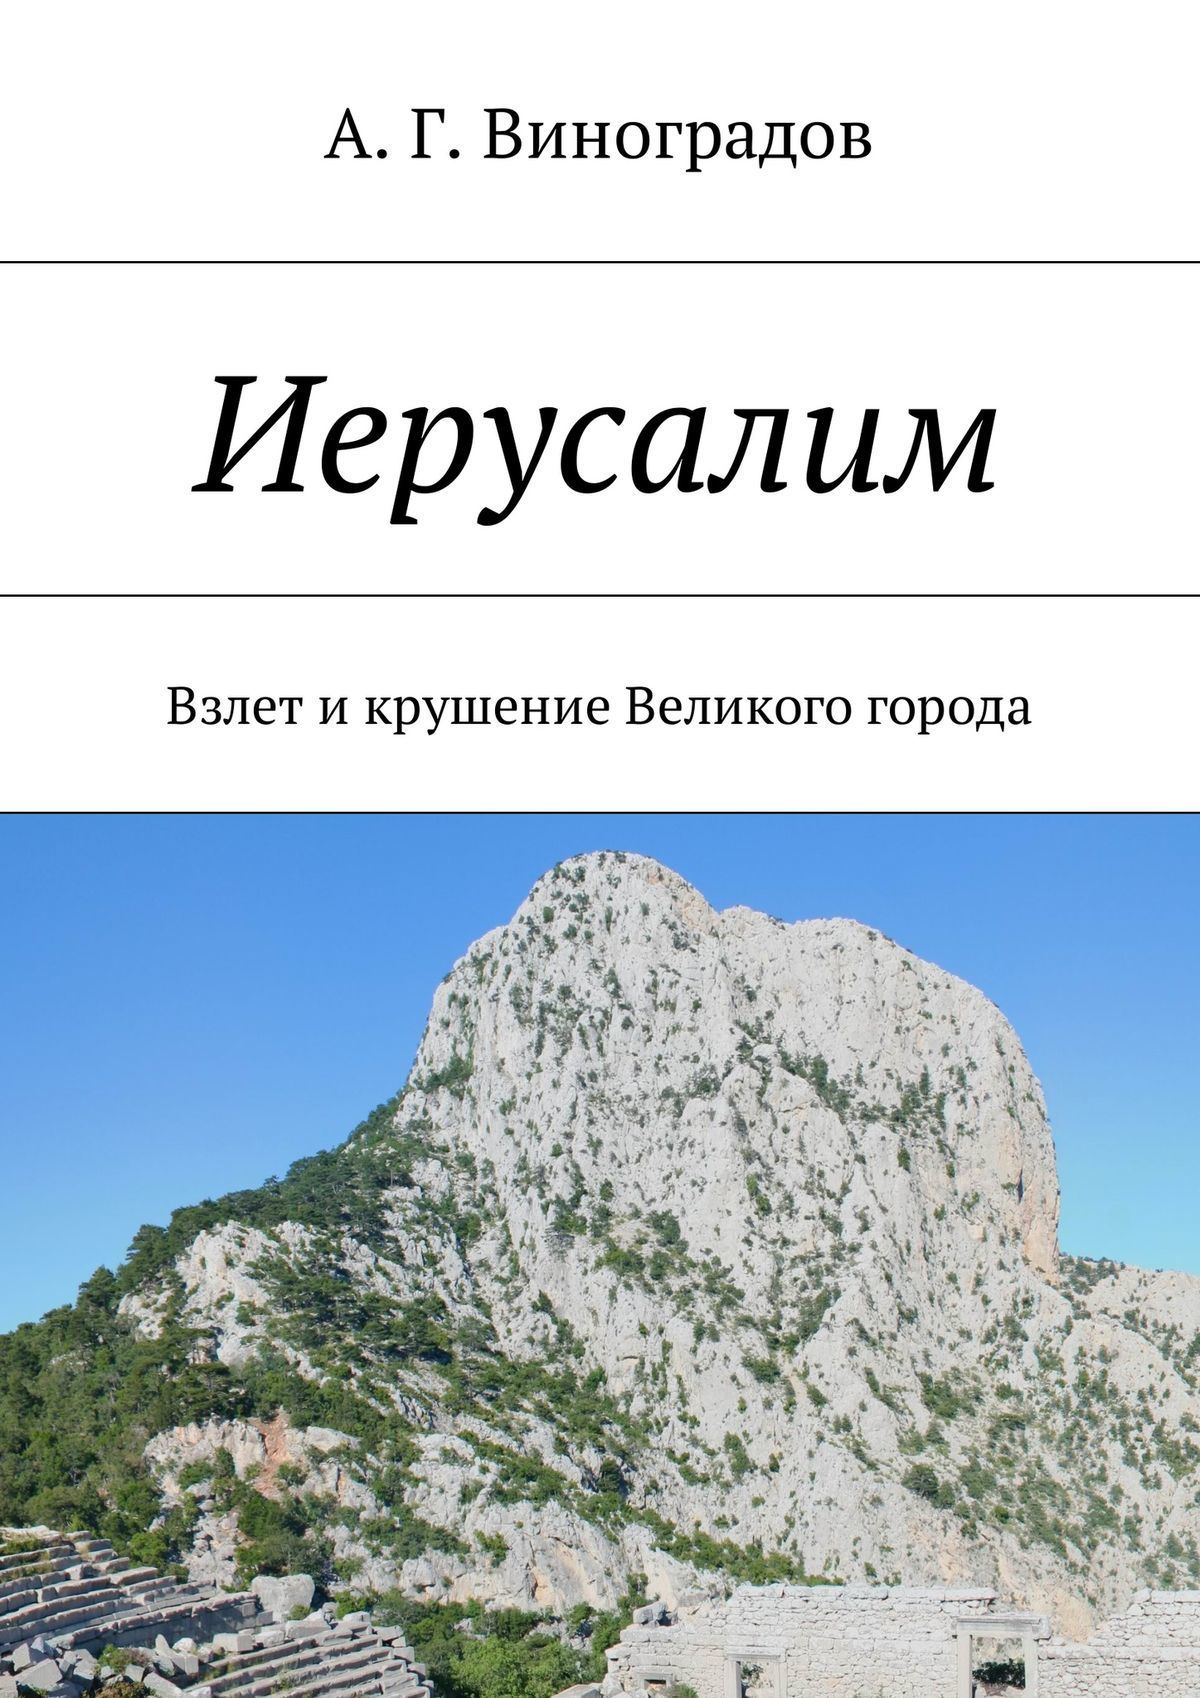 А. Г. Виноградов Иерусалим. Взлети крушение Великого города